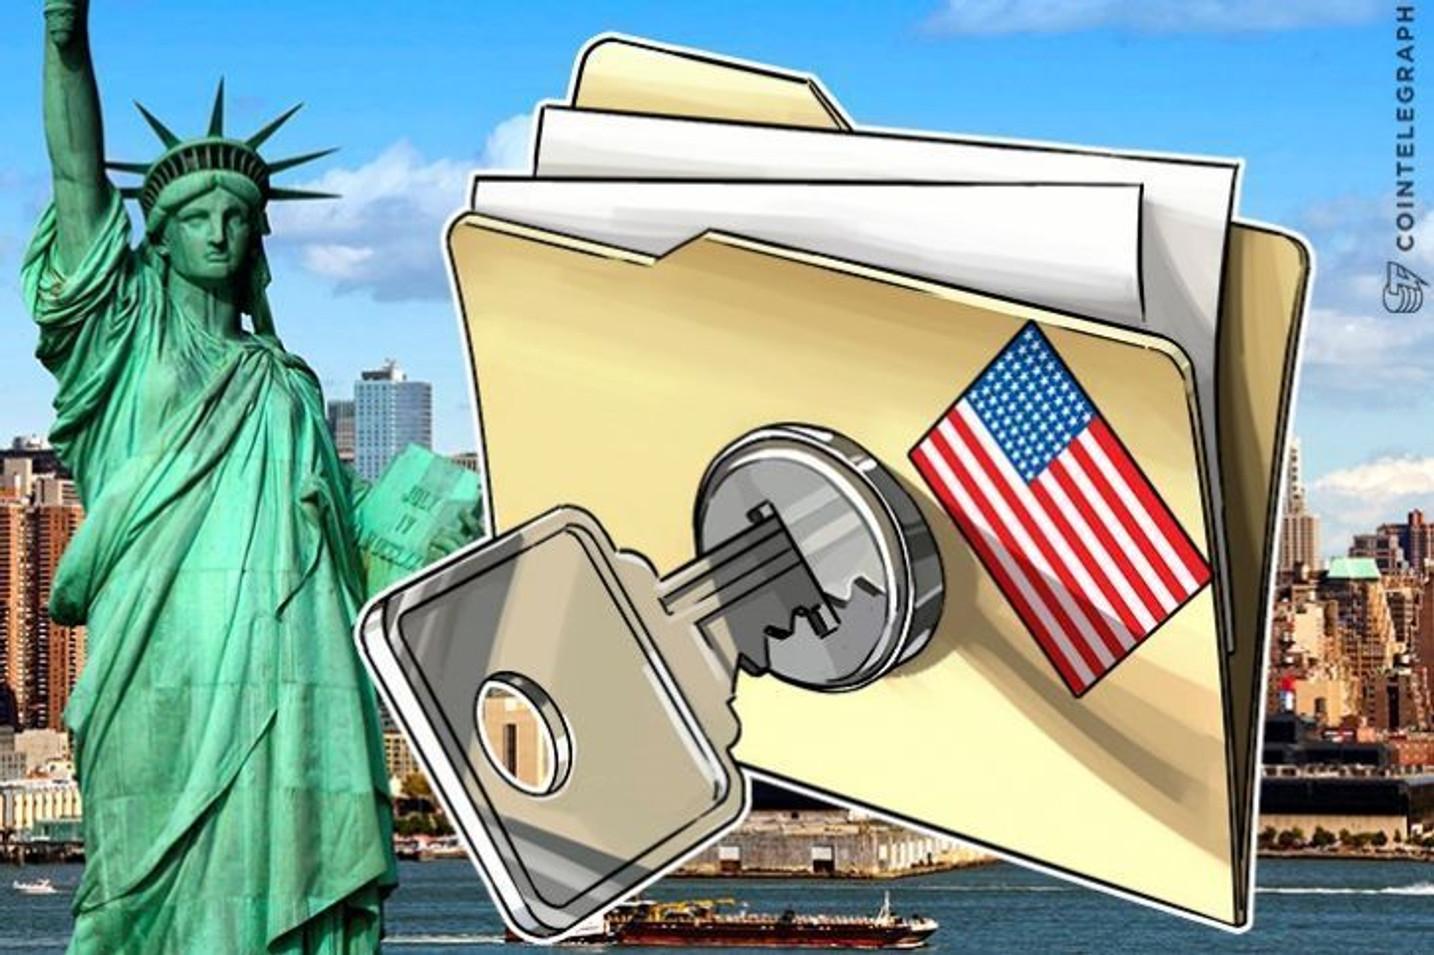 Regolamentazioni su criptovalute 'ancora lontane', afferma un coordinatore della sicurezza degli Stati Uniti